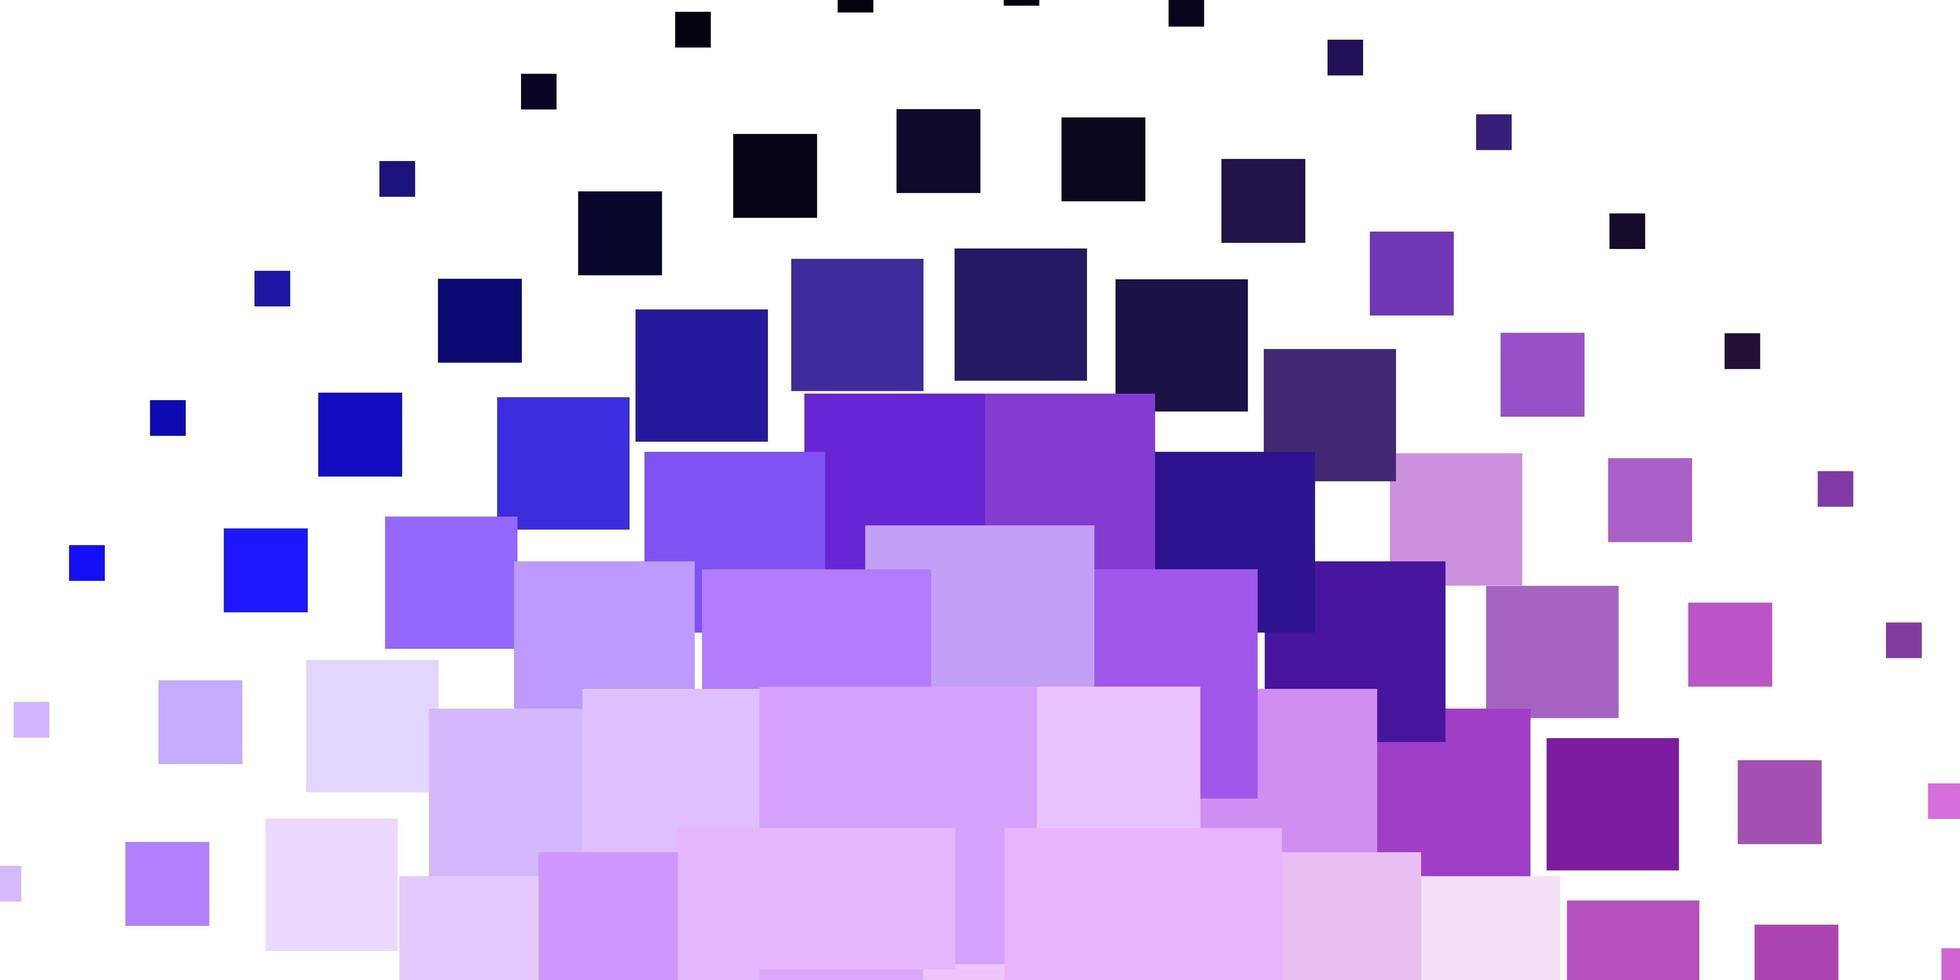 hellviolettes Vektorlayout mit Linien, Rechtecken. vektor